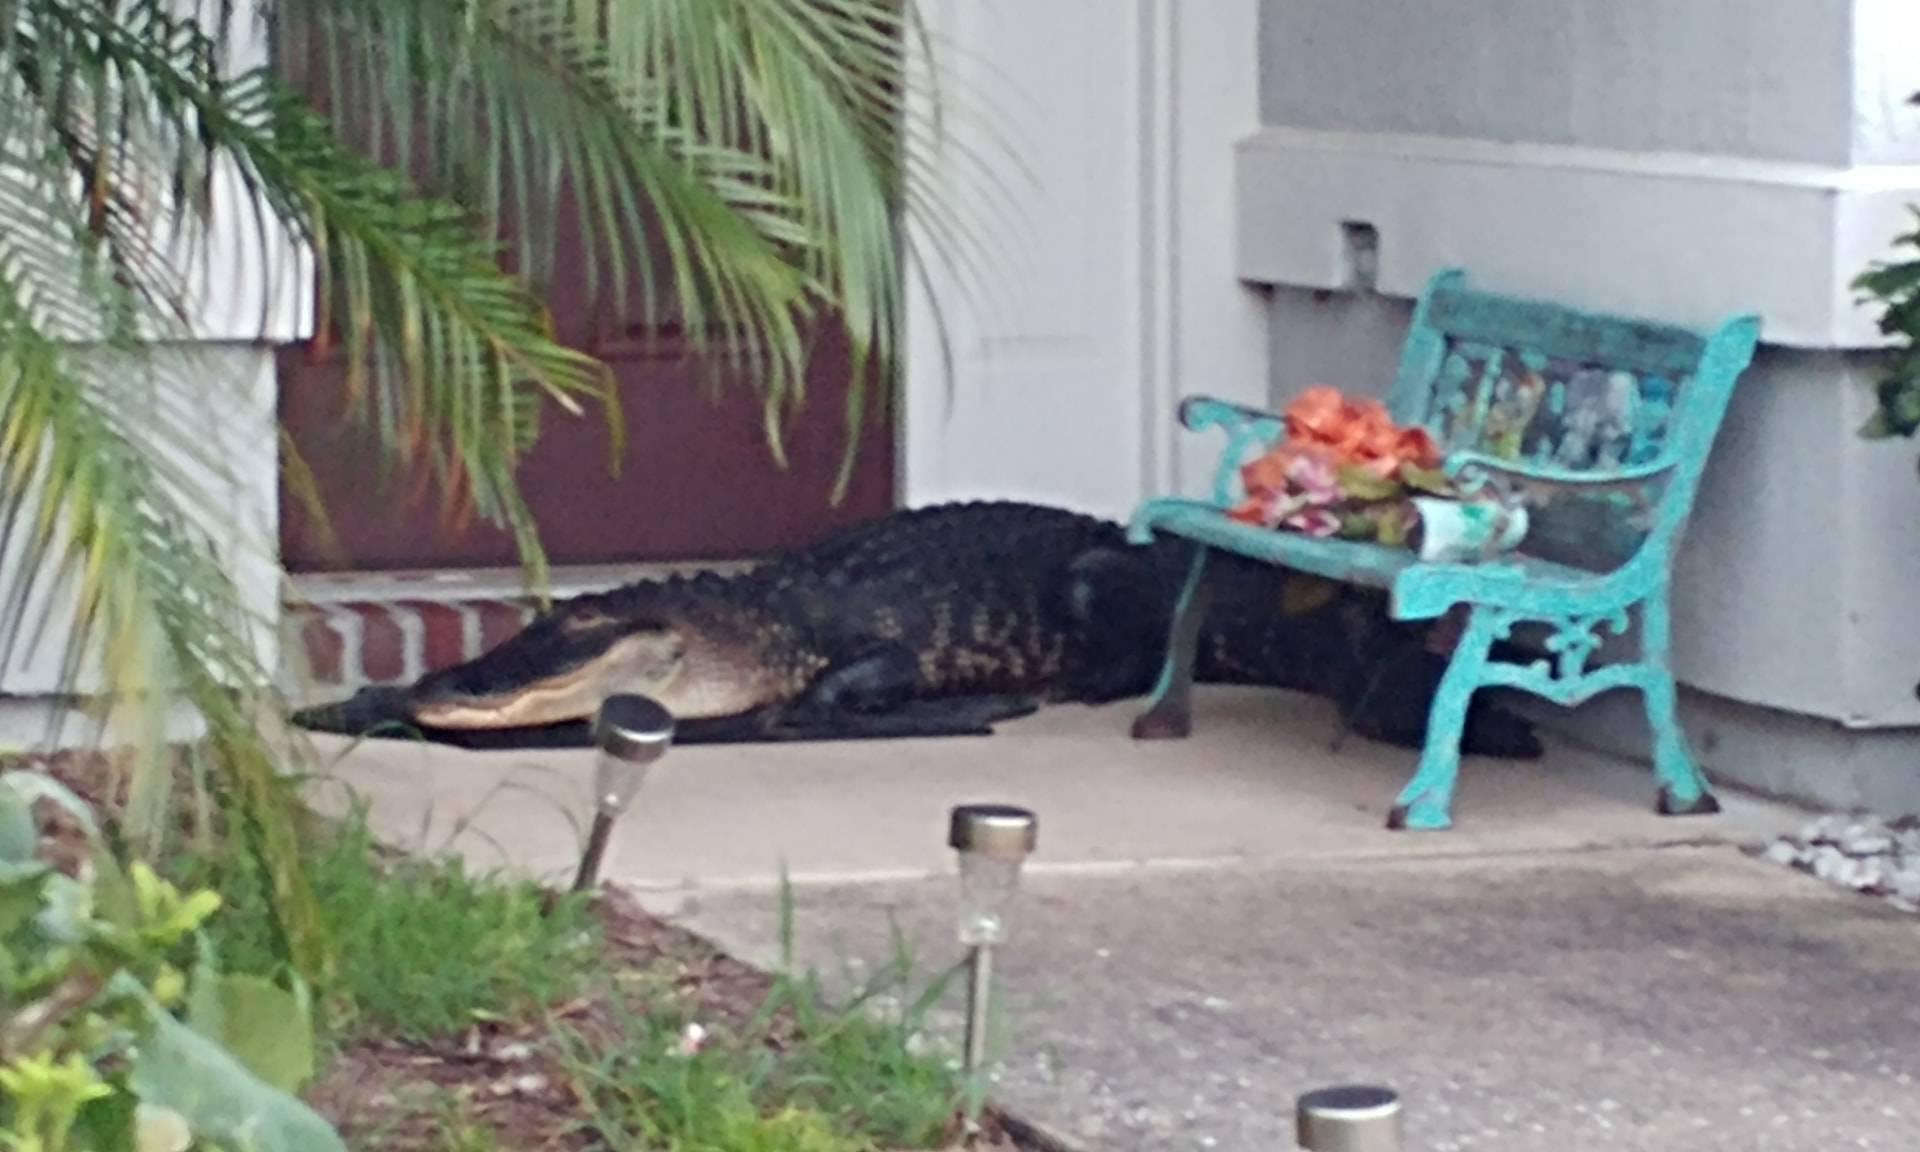 'Ono kad dođeš iz noćne i pred kućom ti spava veliki aligator!'